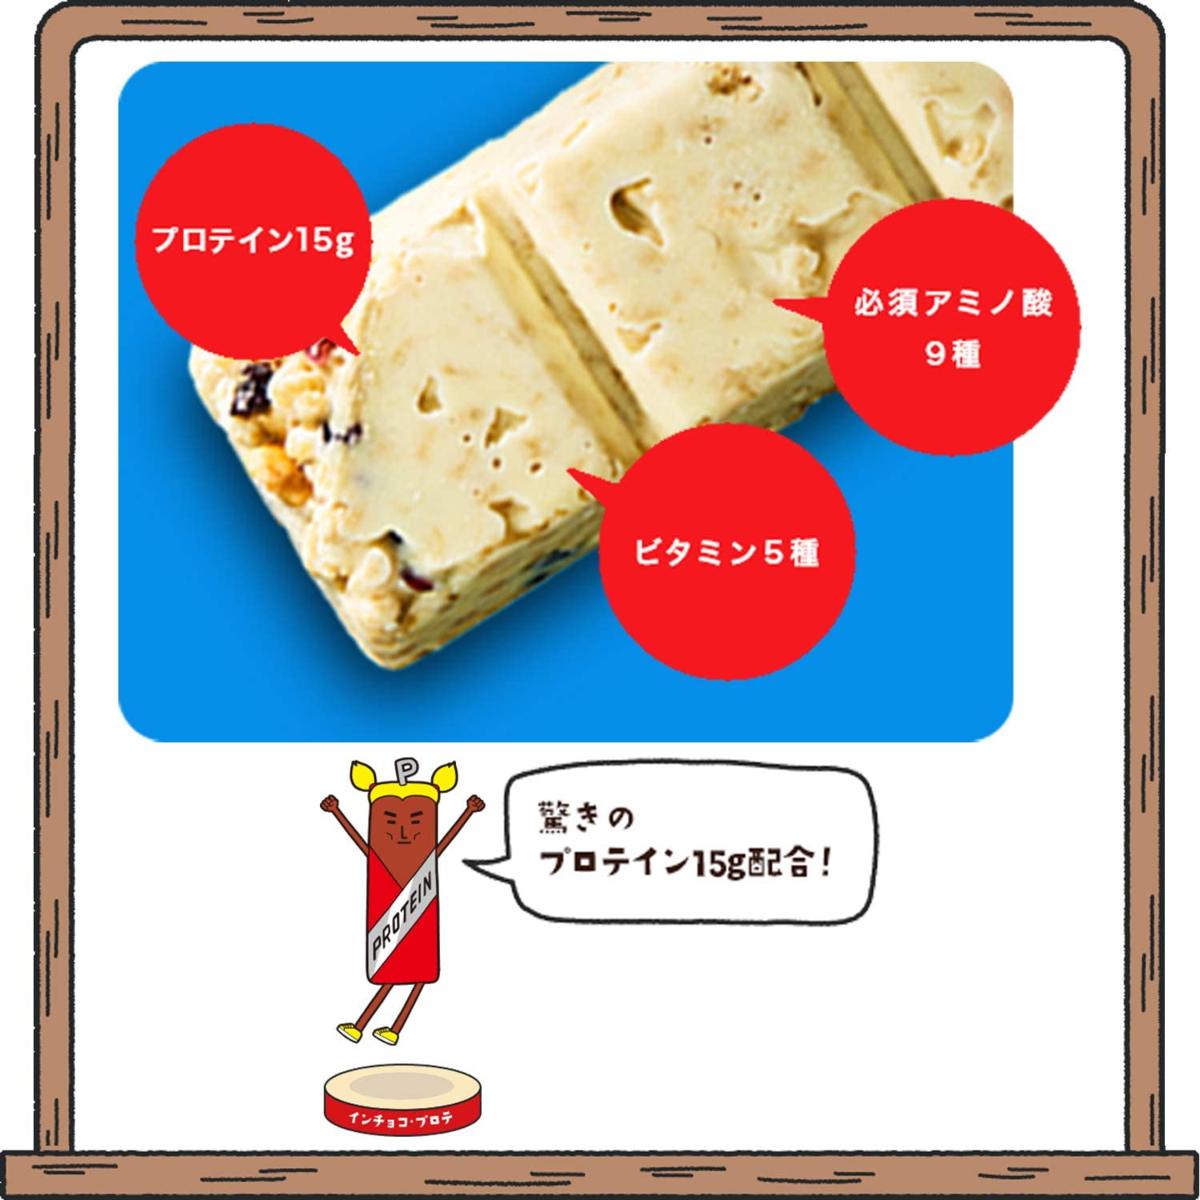 f:id:yuyujitekix:20200731193752p:plain